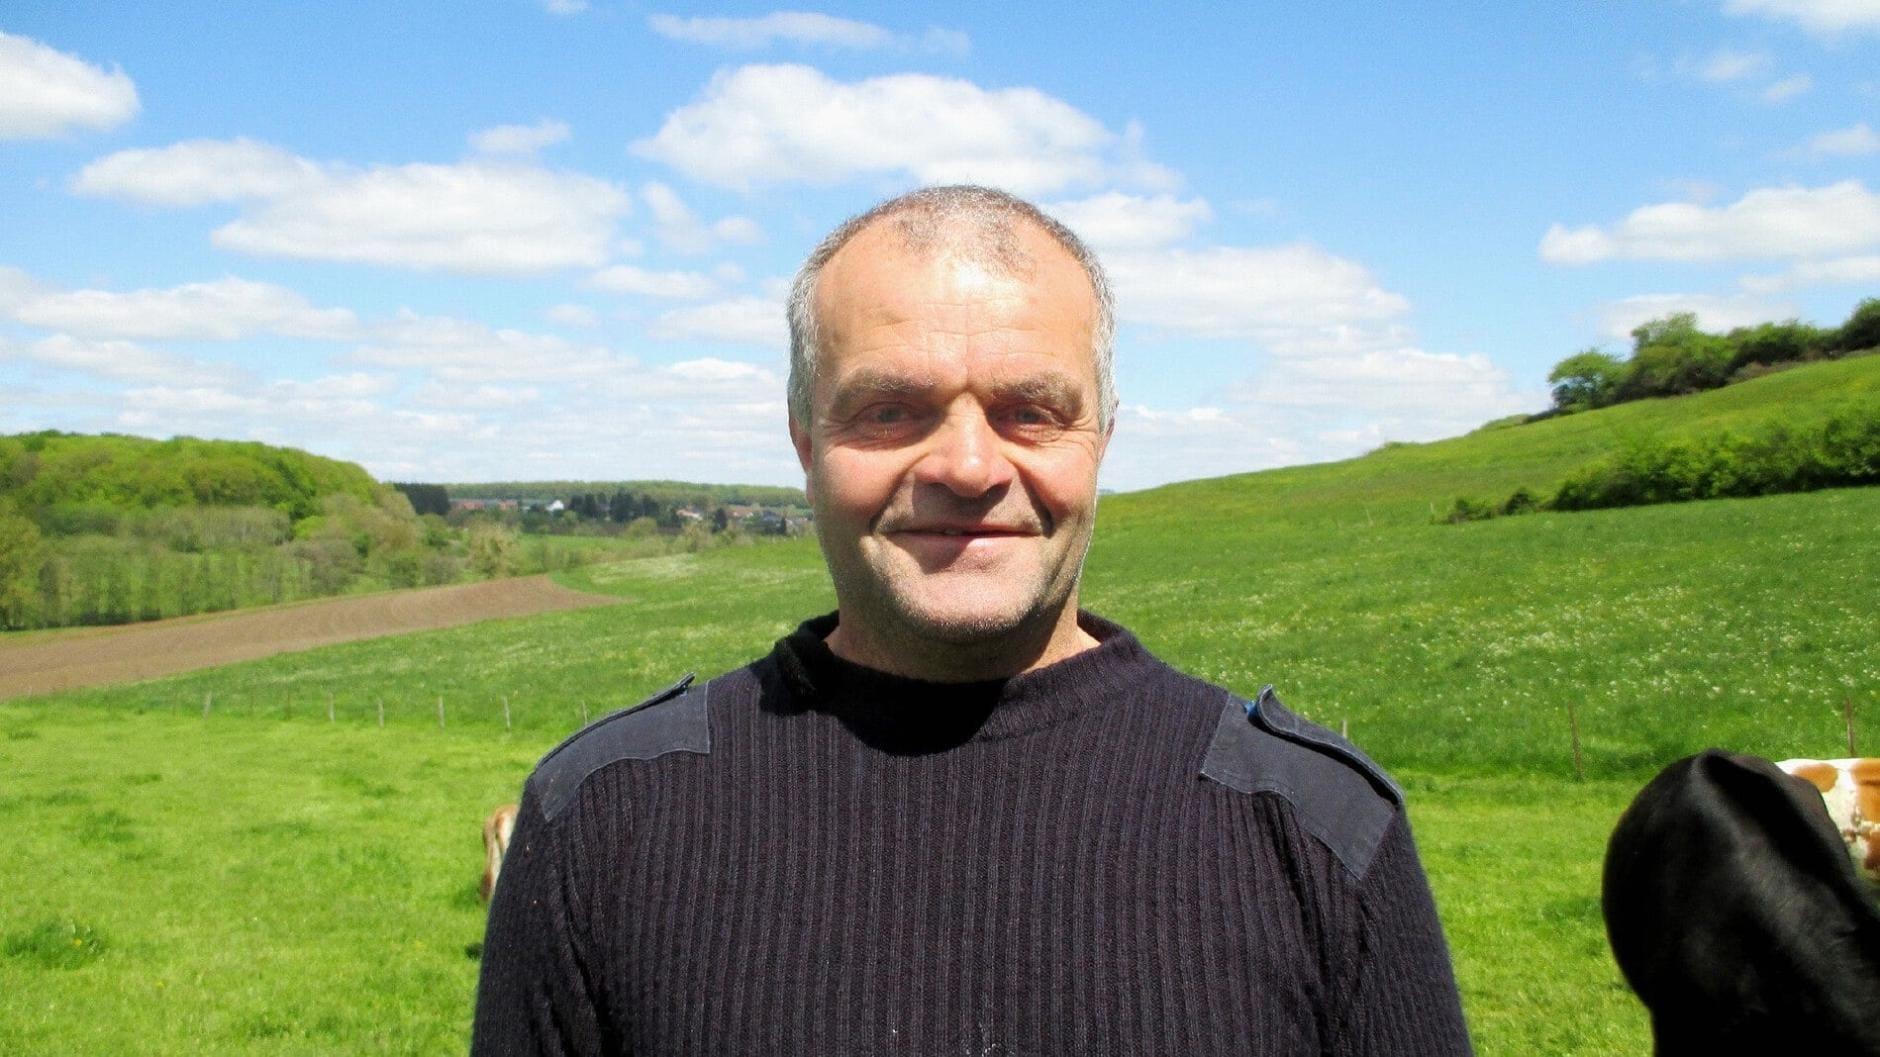 Burkhard (45) aus Ostfriesland